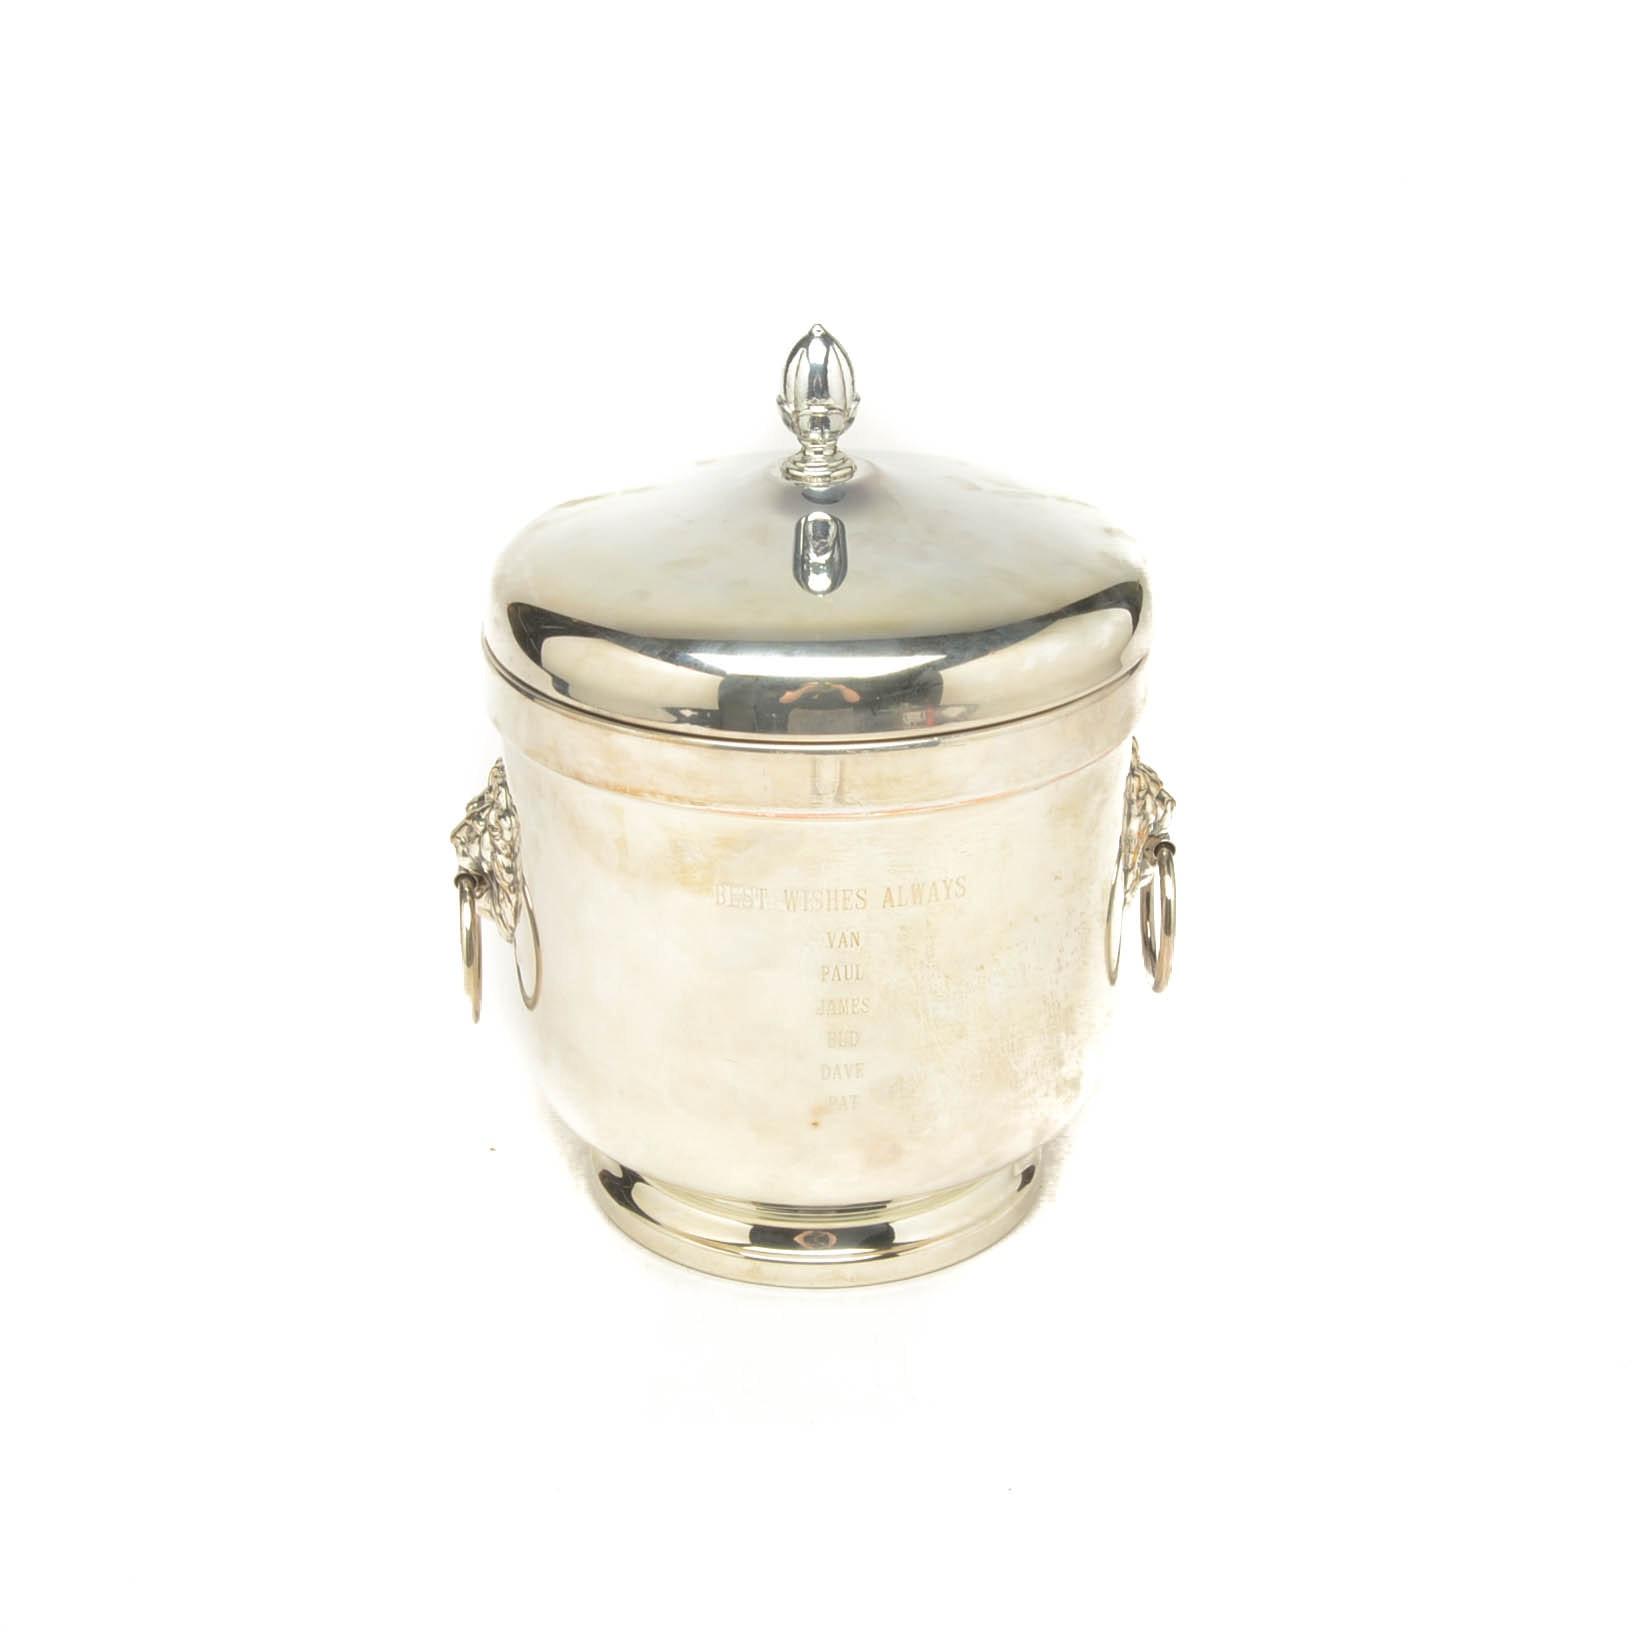 FB Rogers Cawood Ledford Presentation Ice Bucket